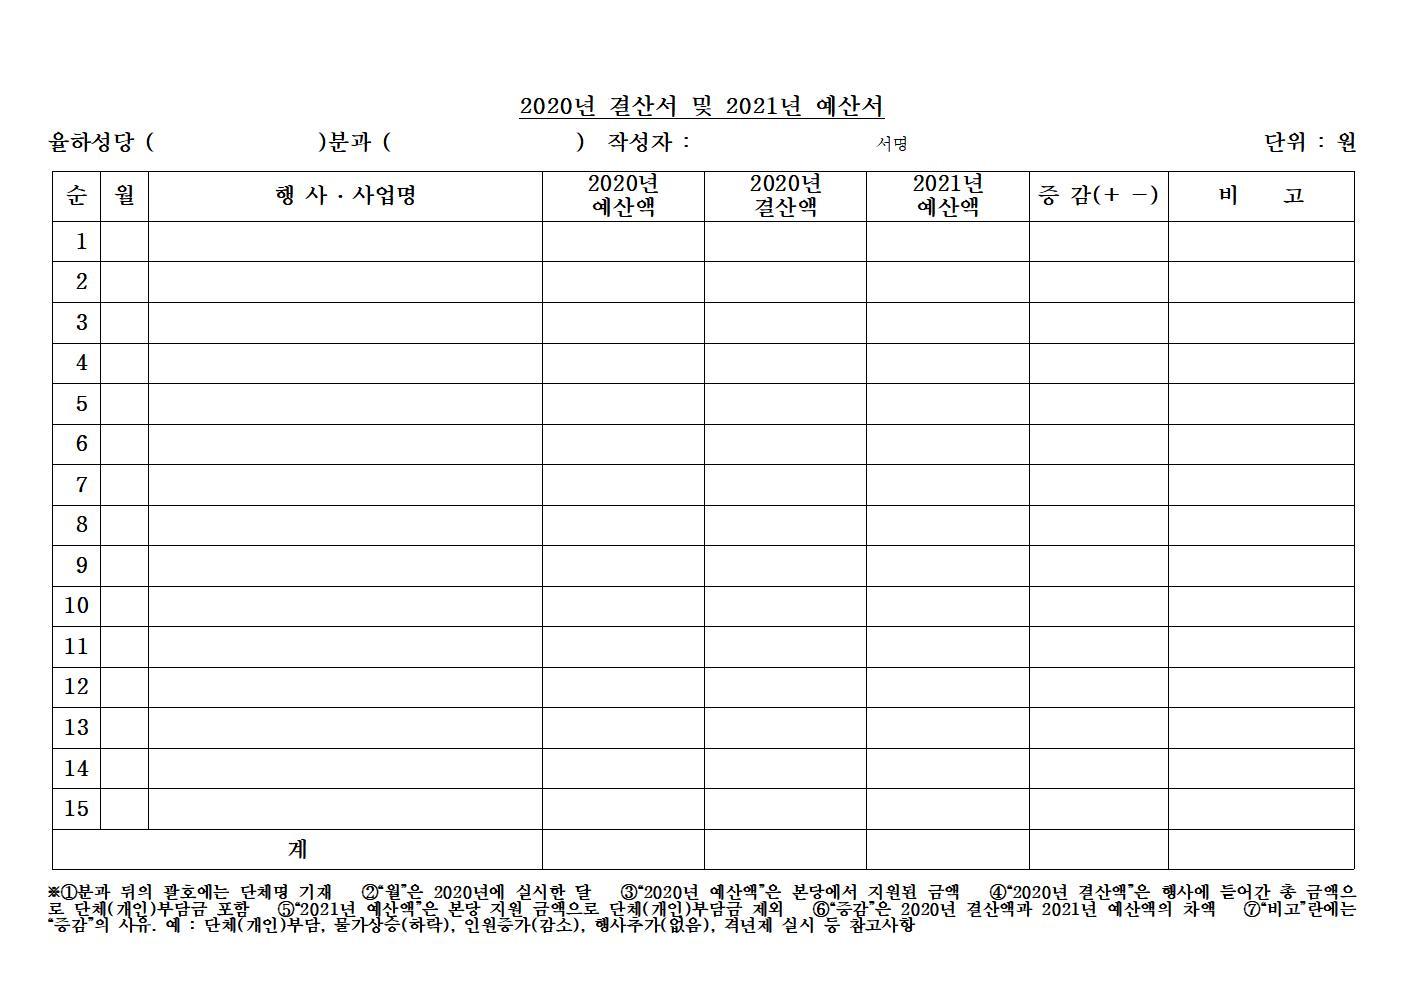 2020년 결산서 및 2021년 예산서-4001.jpg